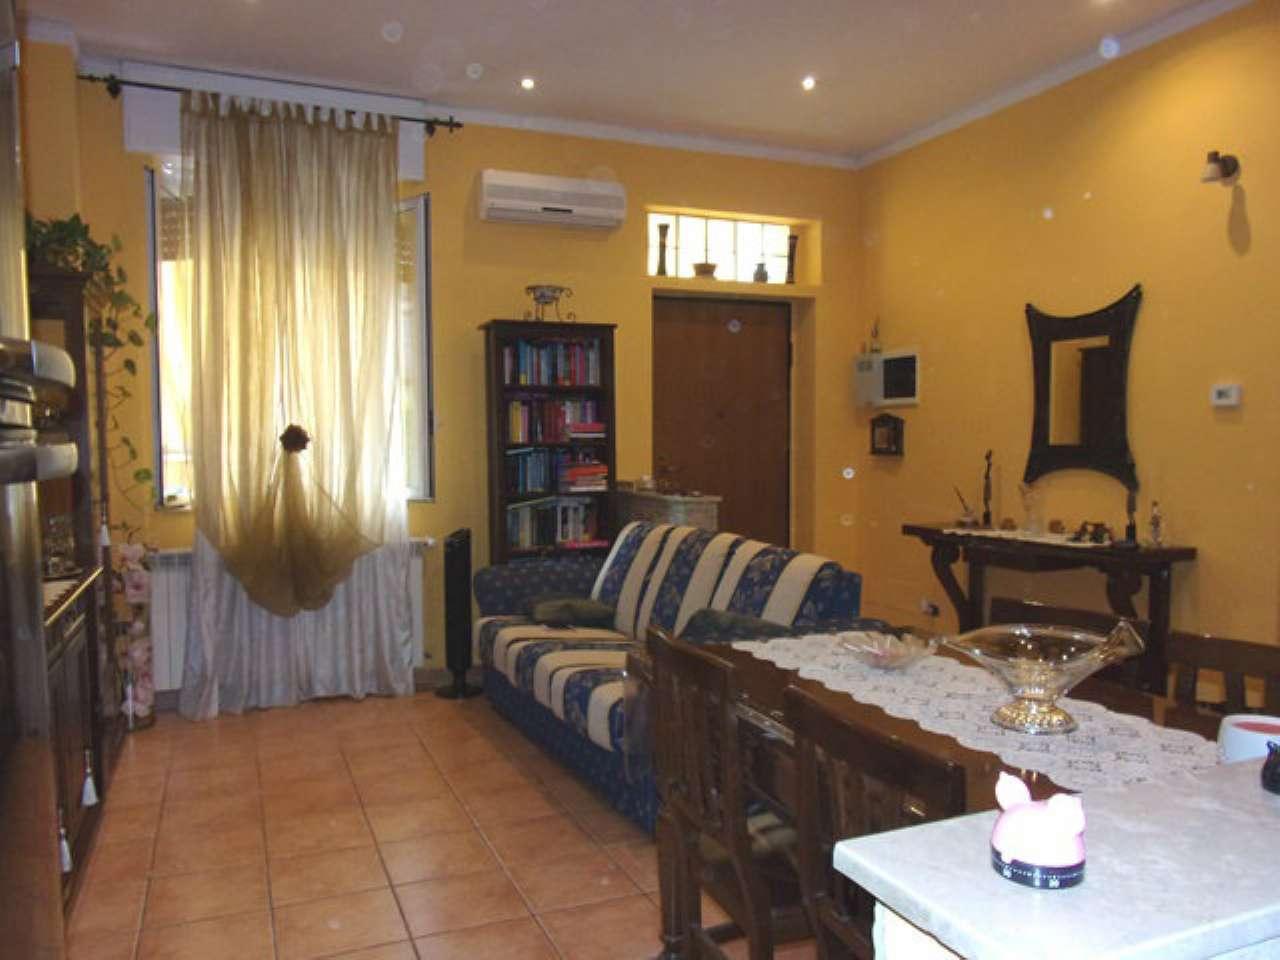 Soluzione Indipendente in vendita a Seregno, 3 locali, prezzo € 129.000 | CambioCasa.it